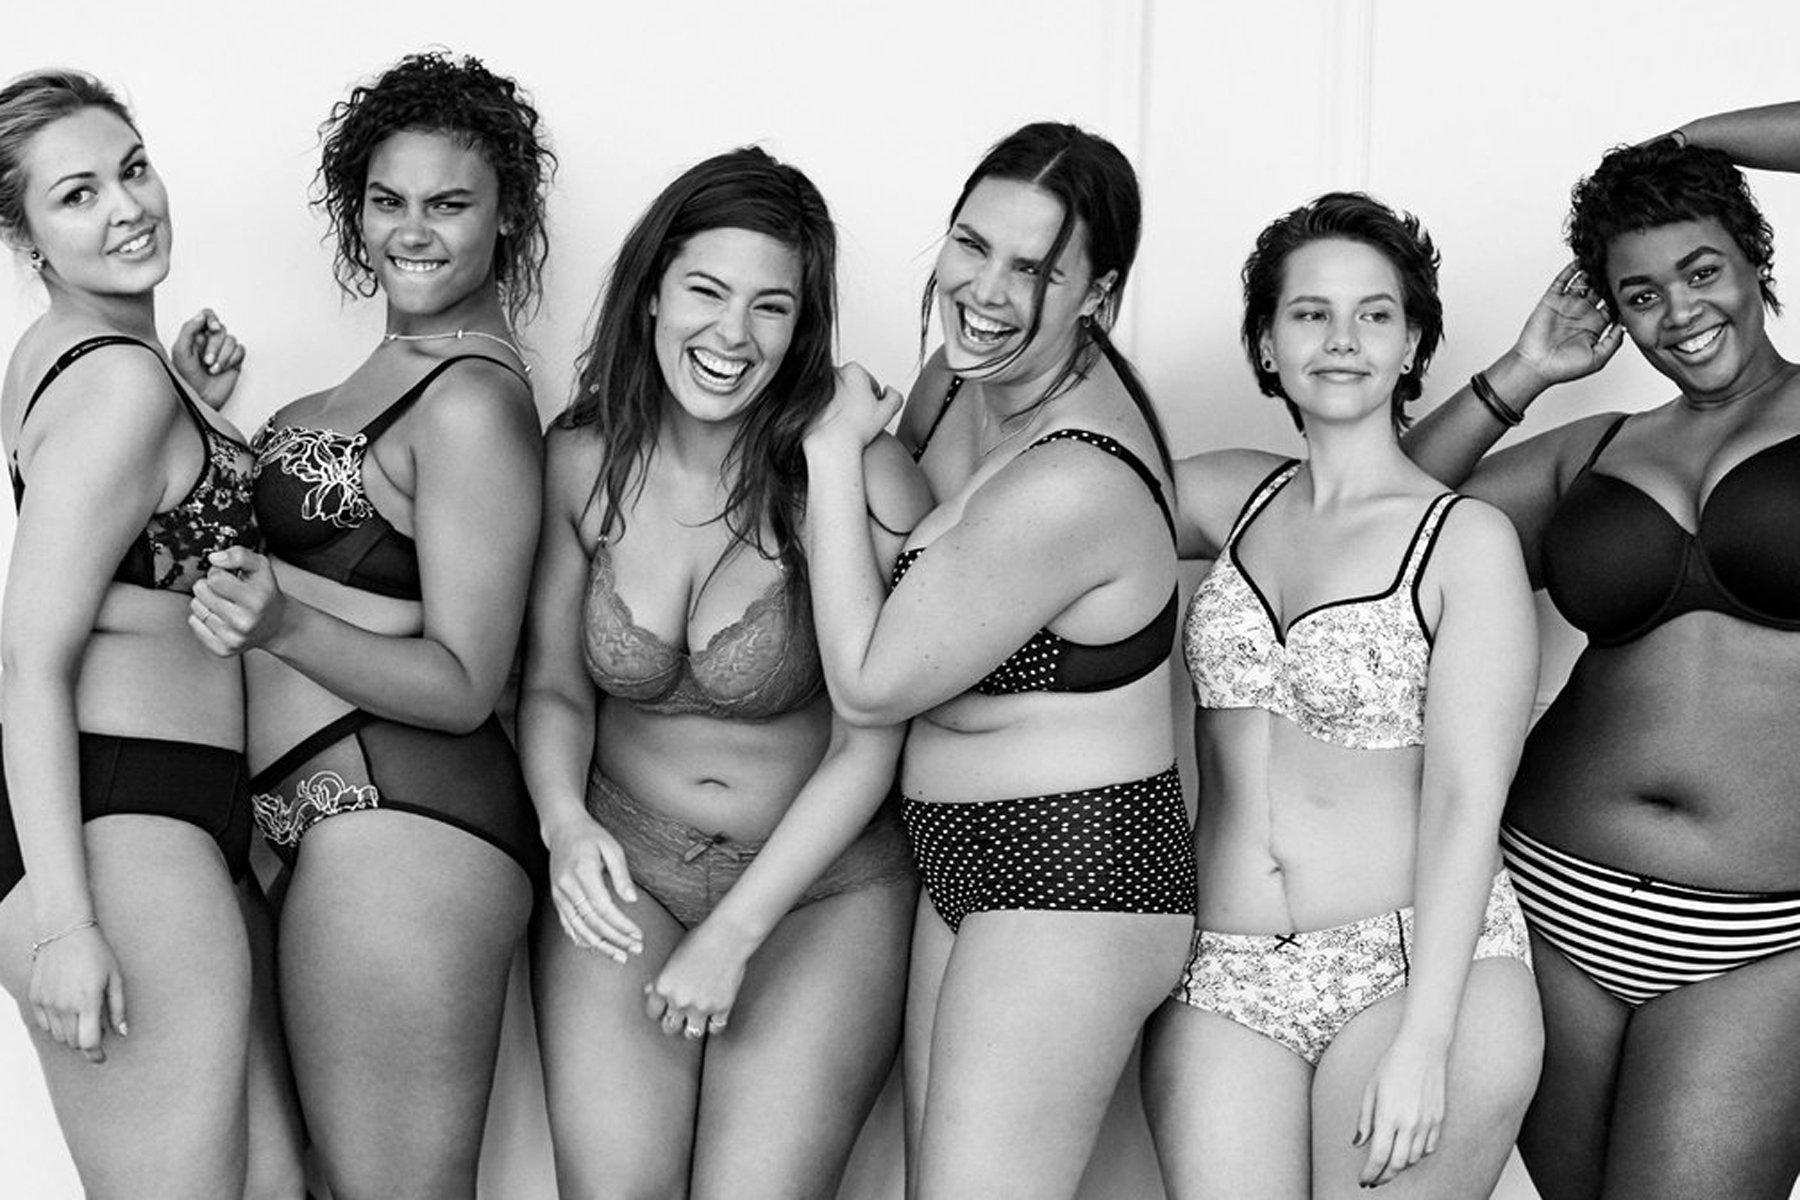 Las mujeres con cuerpos grandes sienten mayor aceptación sobre sus cuerpos y los de los demás. No hay actitud más sexy que la seguridad que muestras al hacer el amor